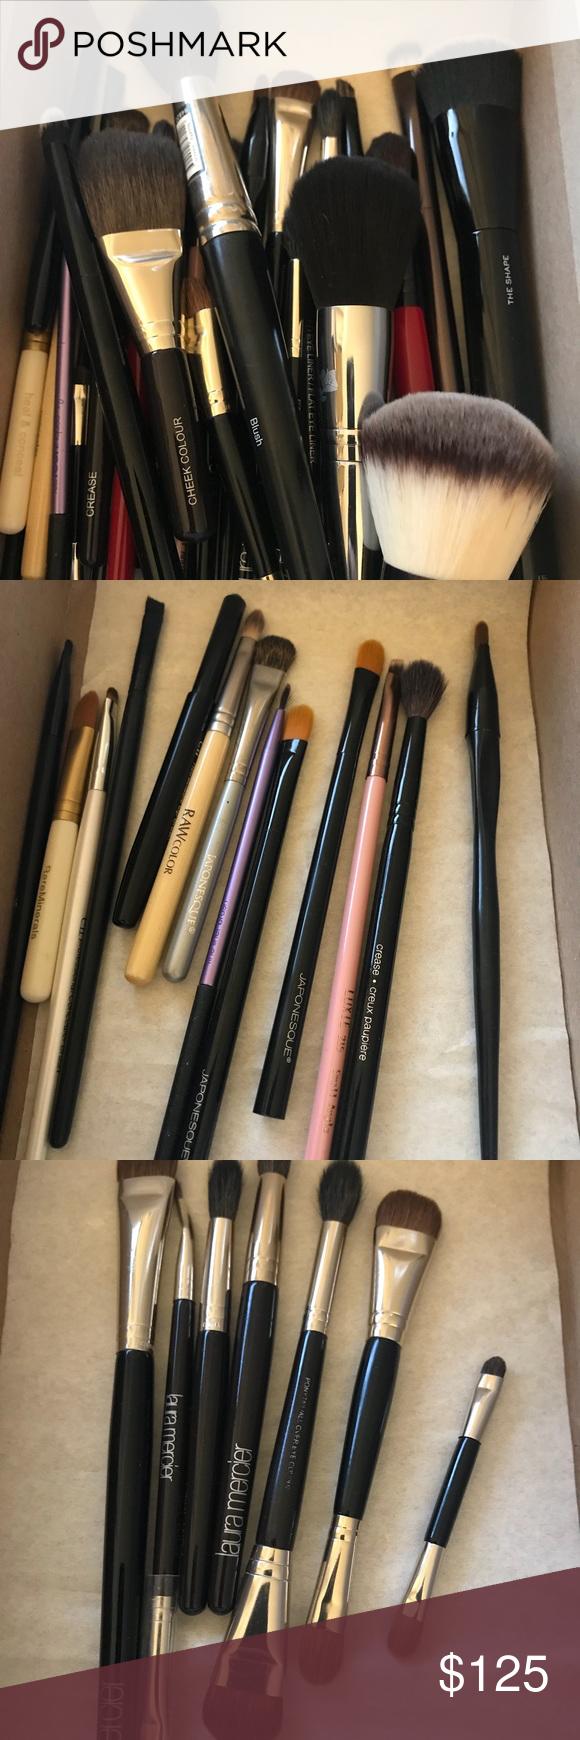 Marc jacobs Laura mercier Lancôme makeup brushes